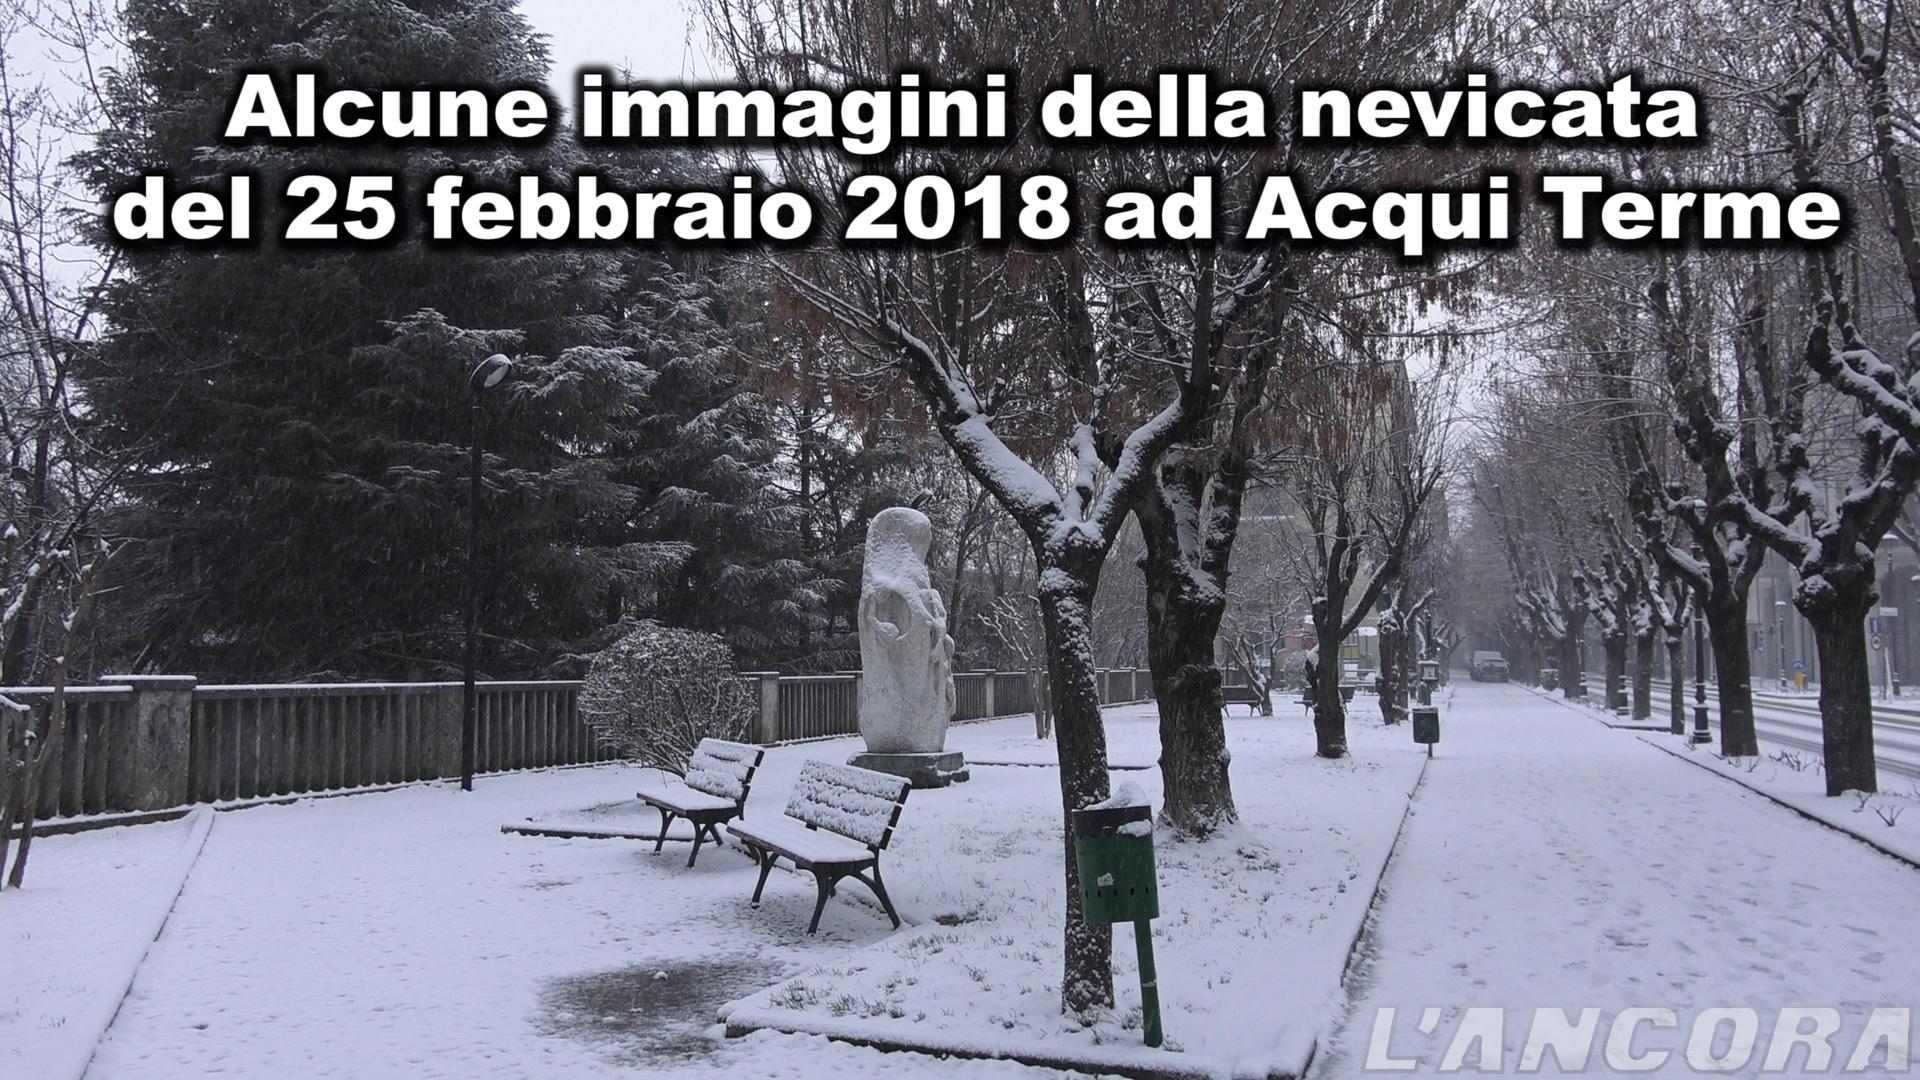 Alcune immagini della nevicata ad Acqui Terme